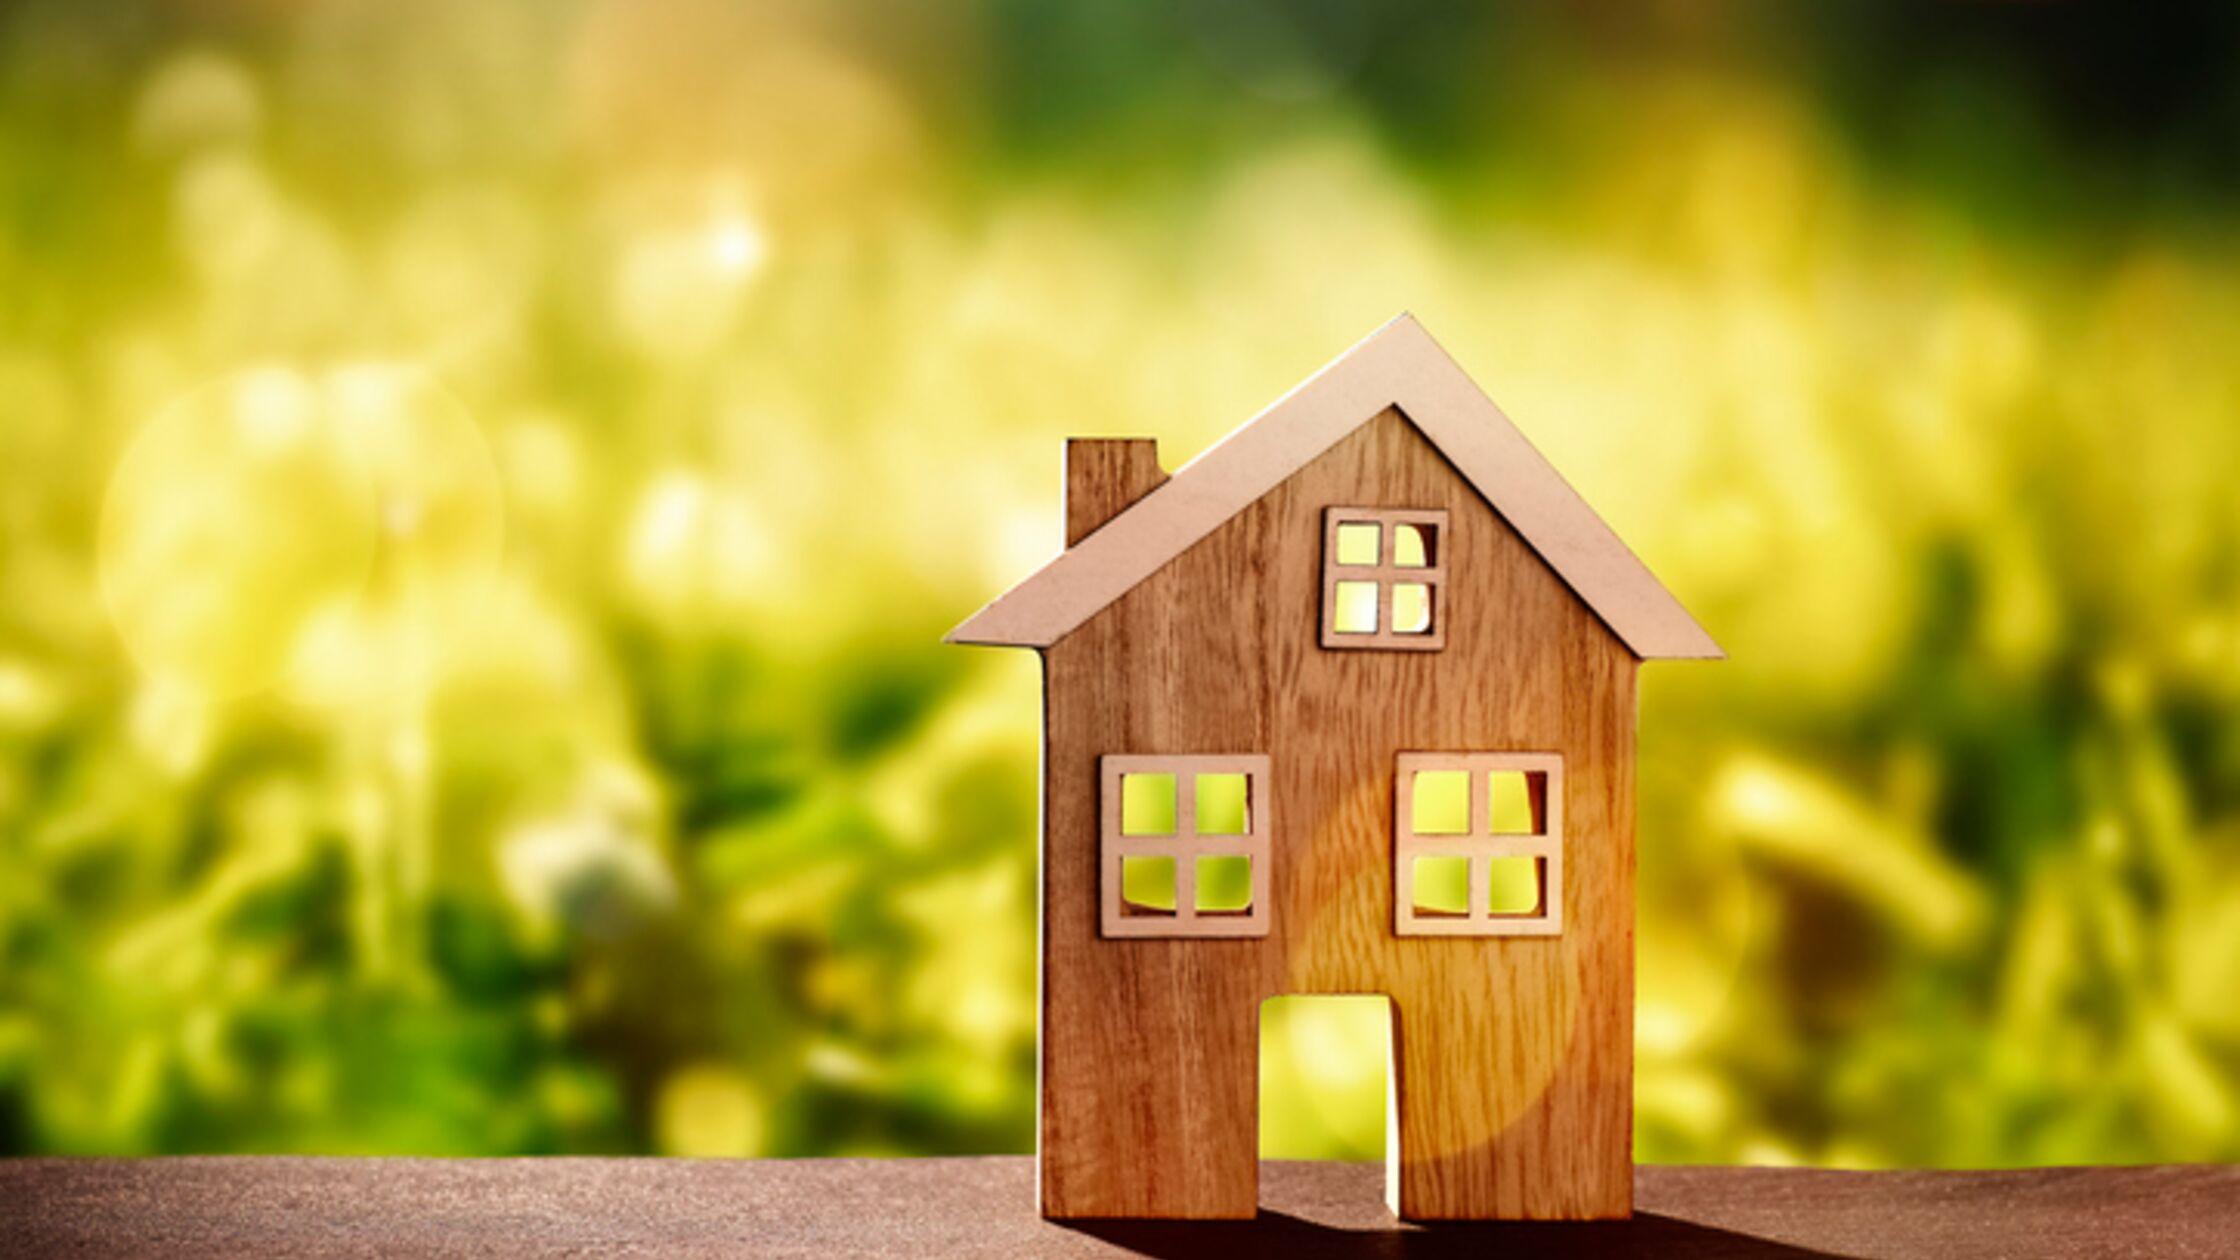 Nachhaltiges Bauen und Renovieren: Tipps für ein umweltfreundliches Zuhause